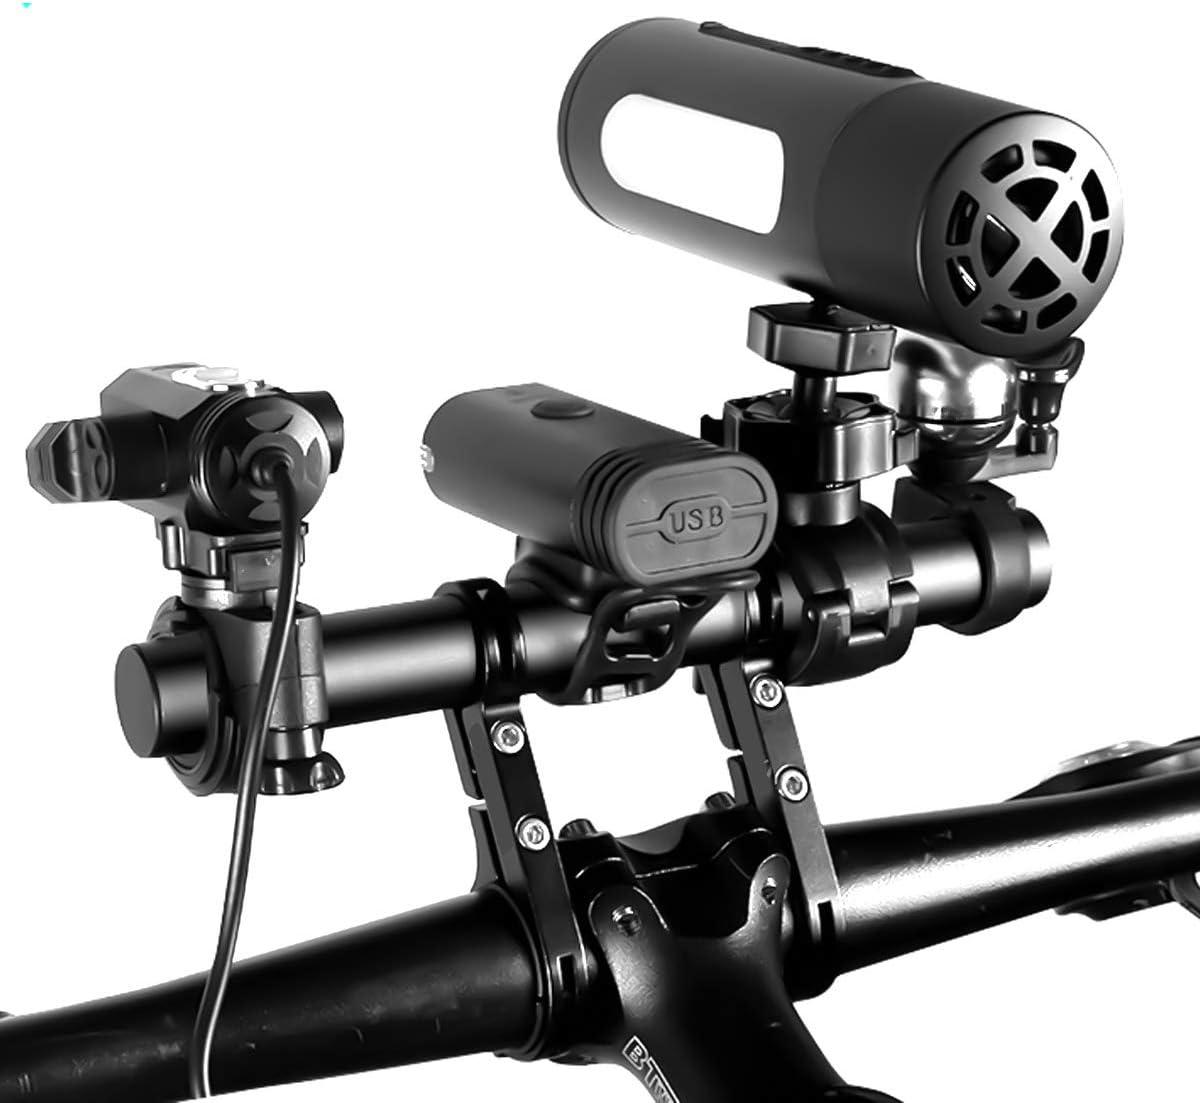 Negro Extensi/ón de Manillar de Bicicleta Aluminio Abrazaderas Dobles Aleaci/ón Bici Soporte de Extensi/ón con Destornillador 20cm Multifunci/ón Doble Soporte Manillar Bicicleta Extensor de Manillar